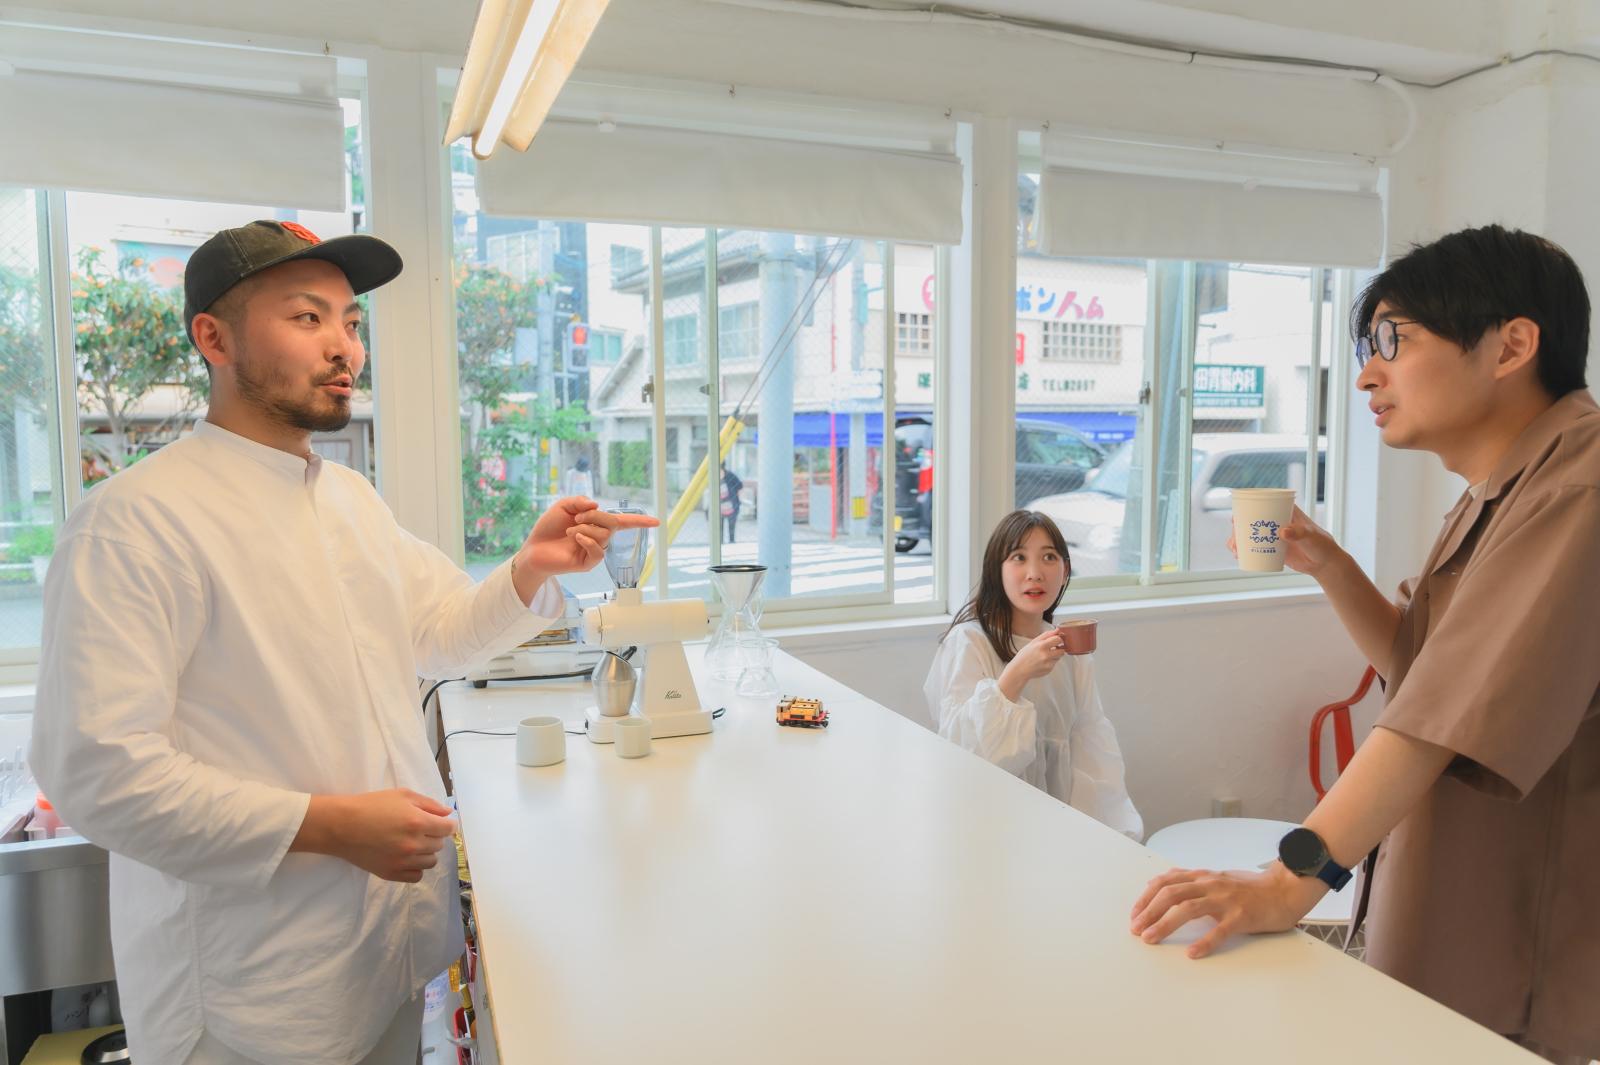 大瀬さんとお客さんの談笑風景